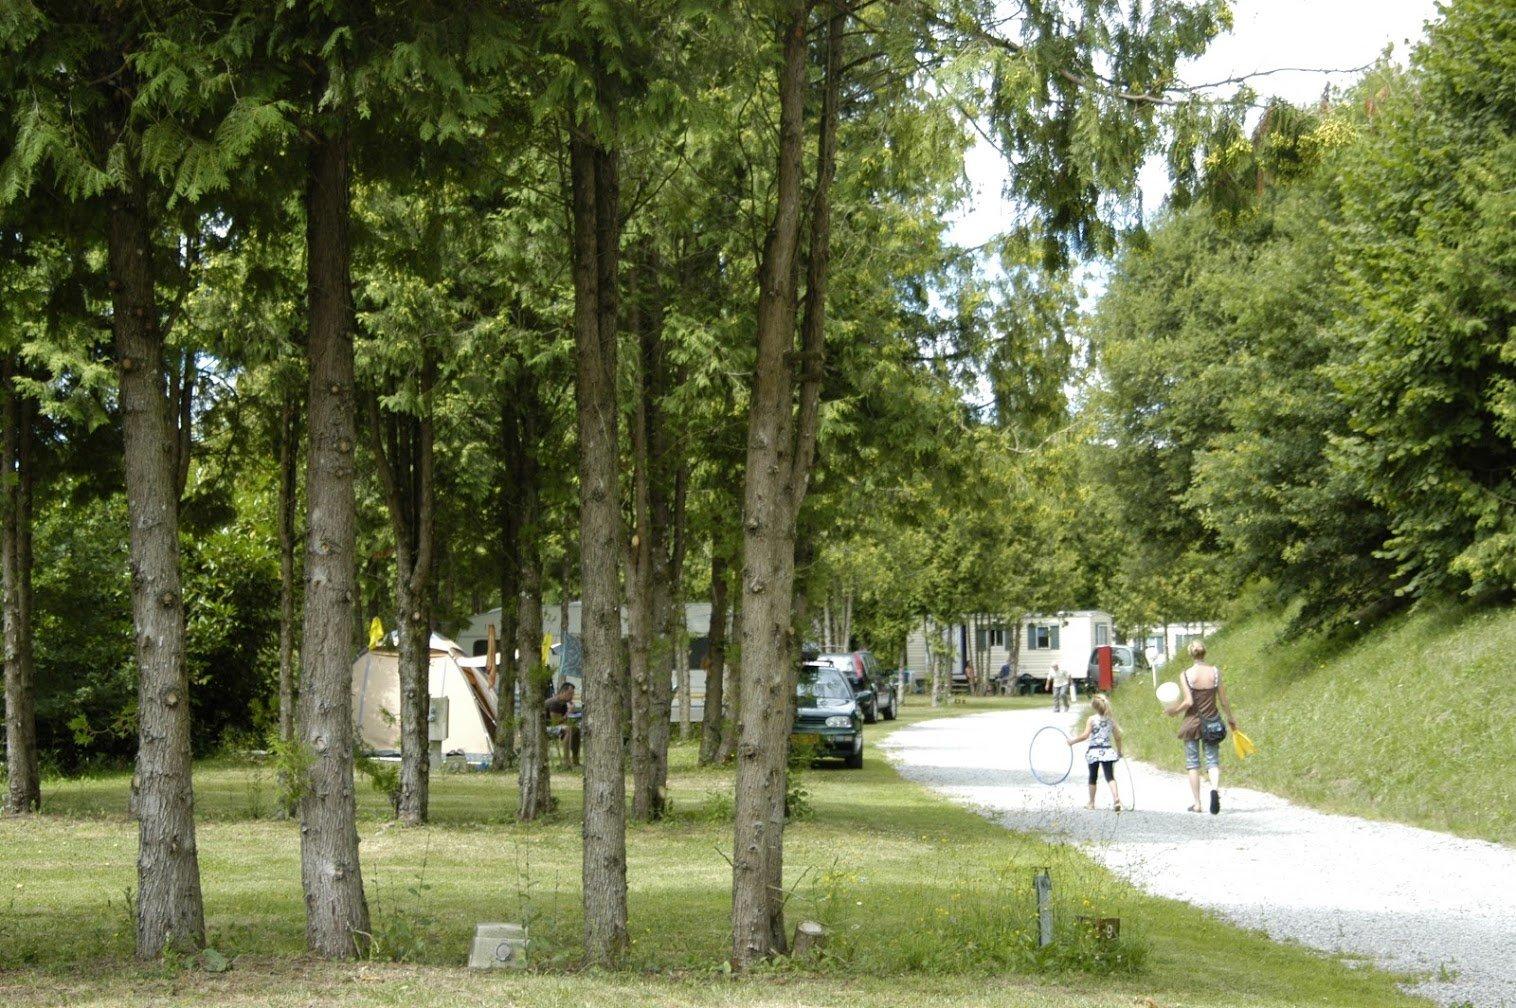 A vendre dans la Creuse,  un Camping avec une habitation